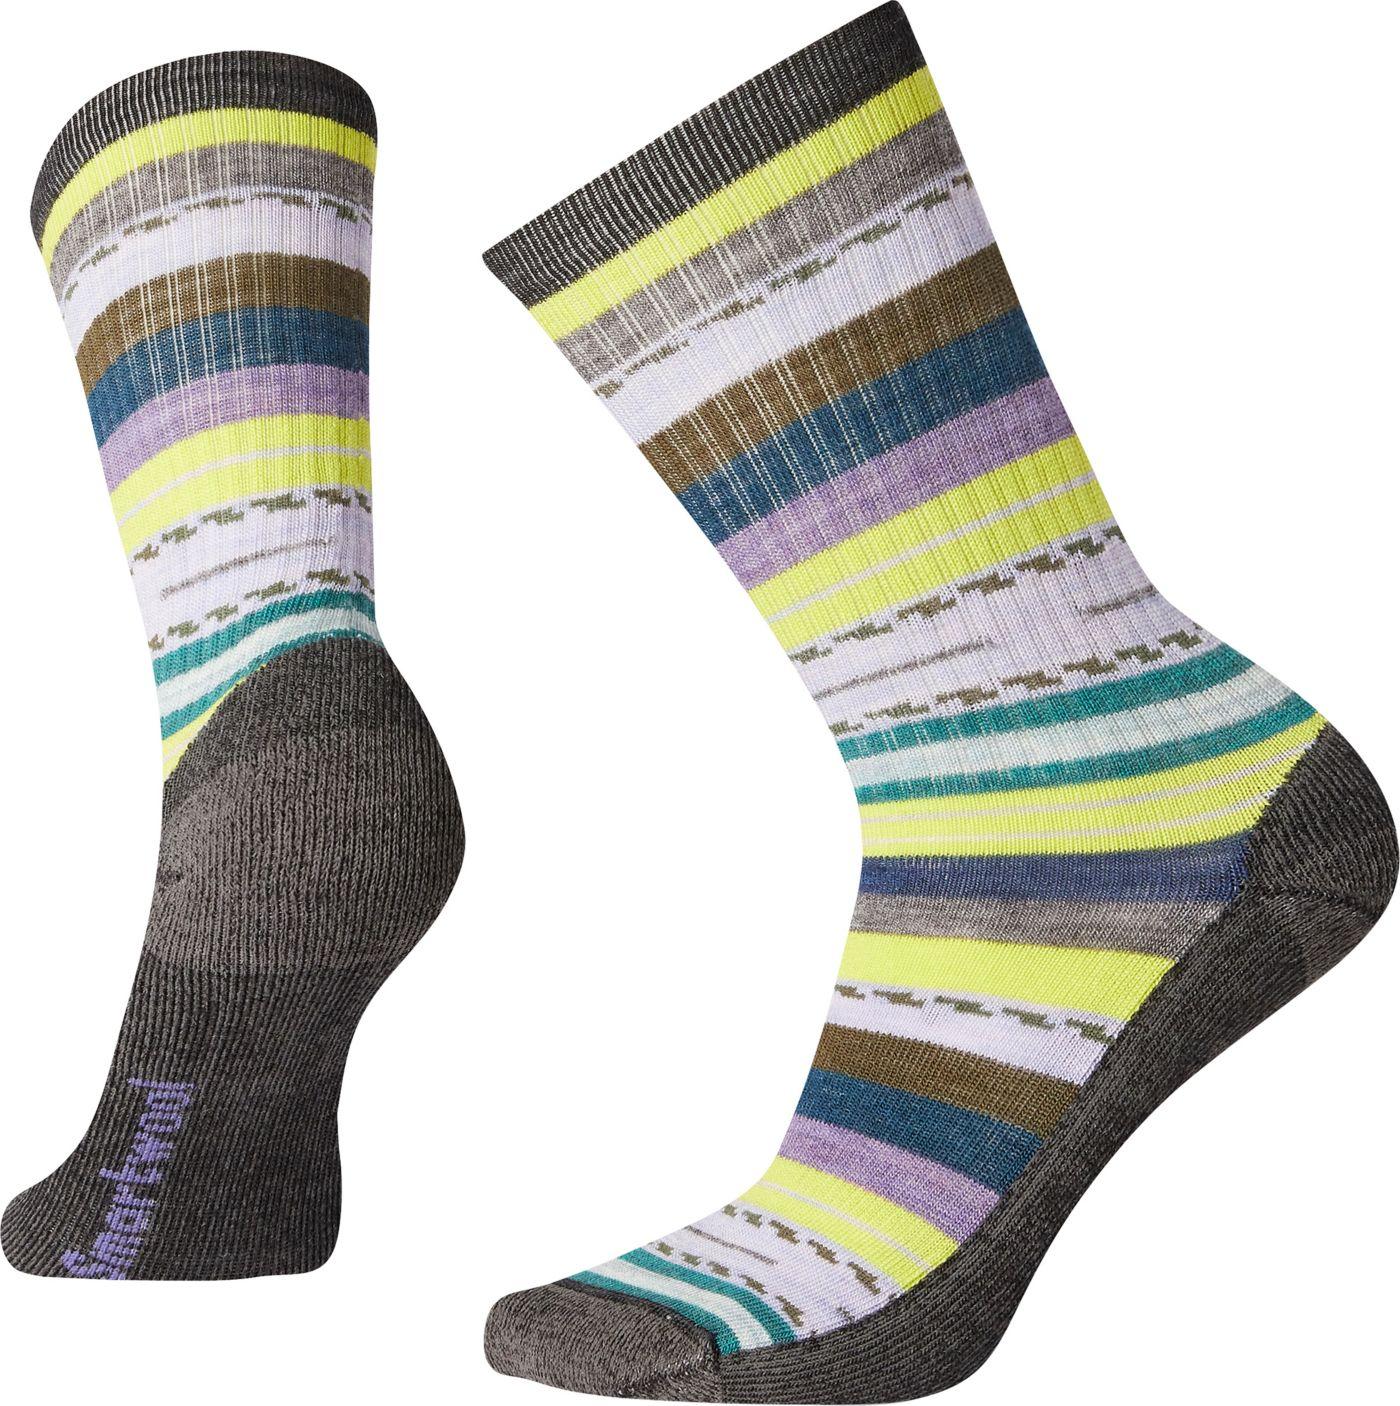 Smartwool Women's Margarita Hike Light Crew Socks